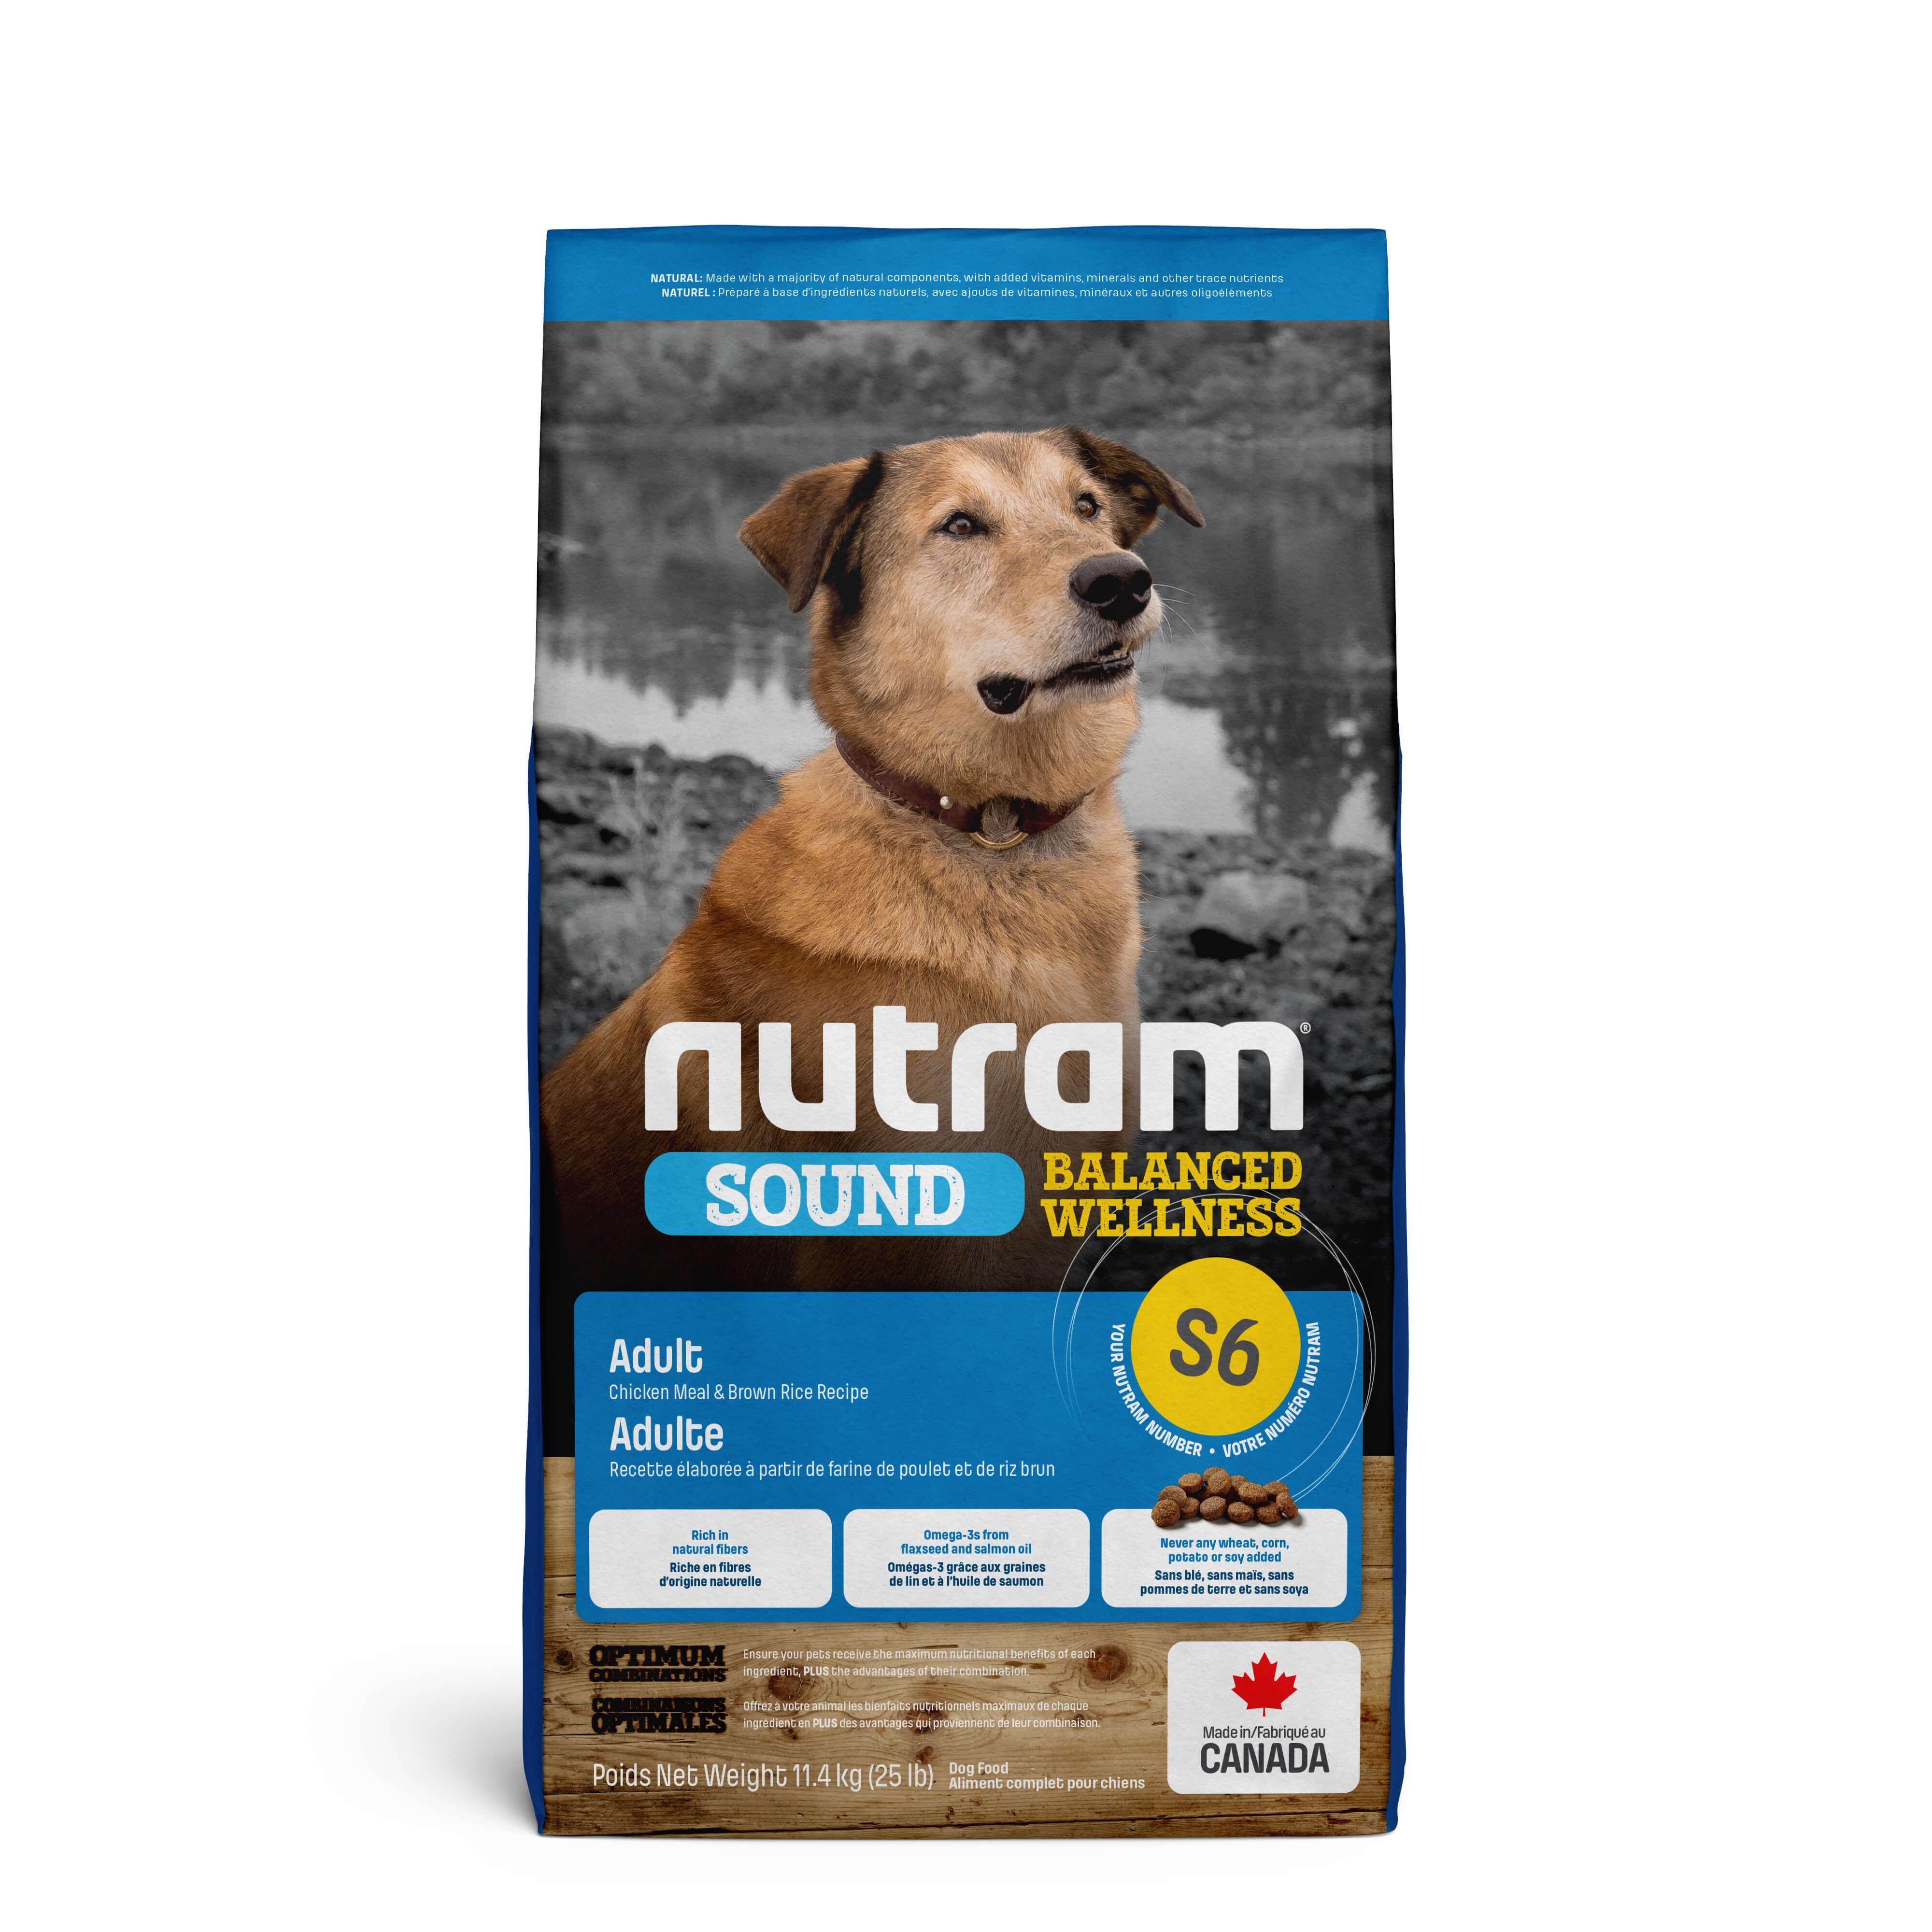 Nutram Sound Balanced Wellness Adult S6 hond